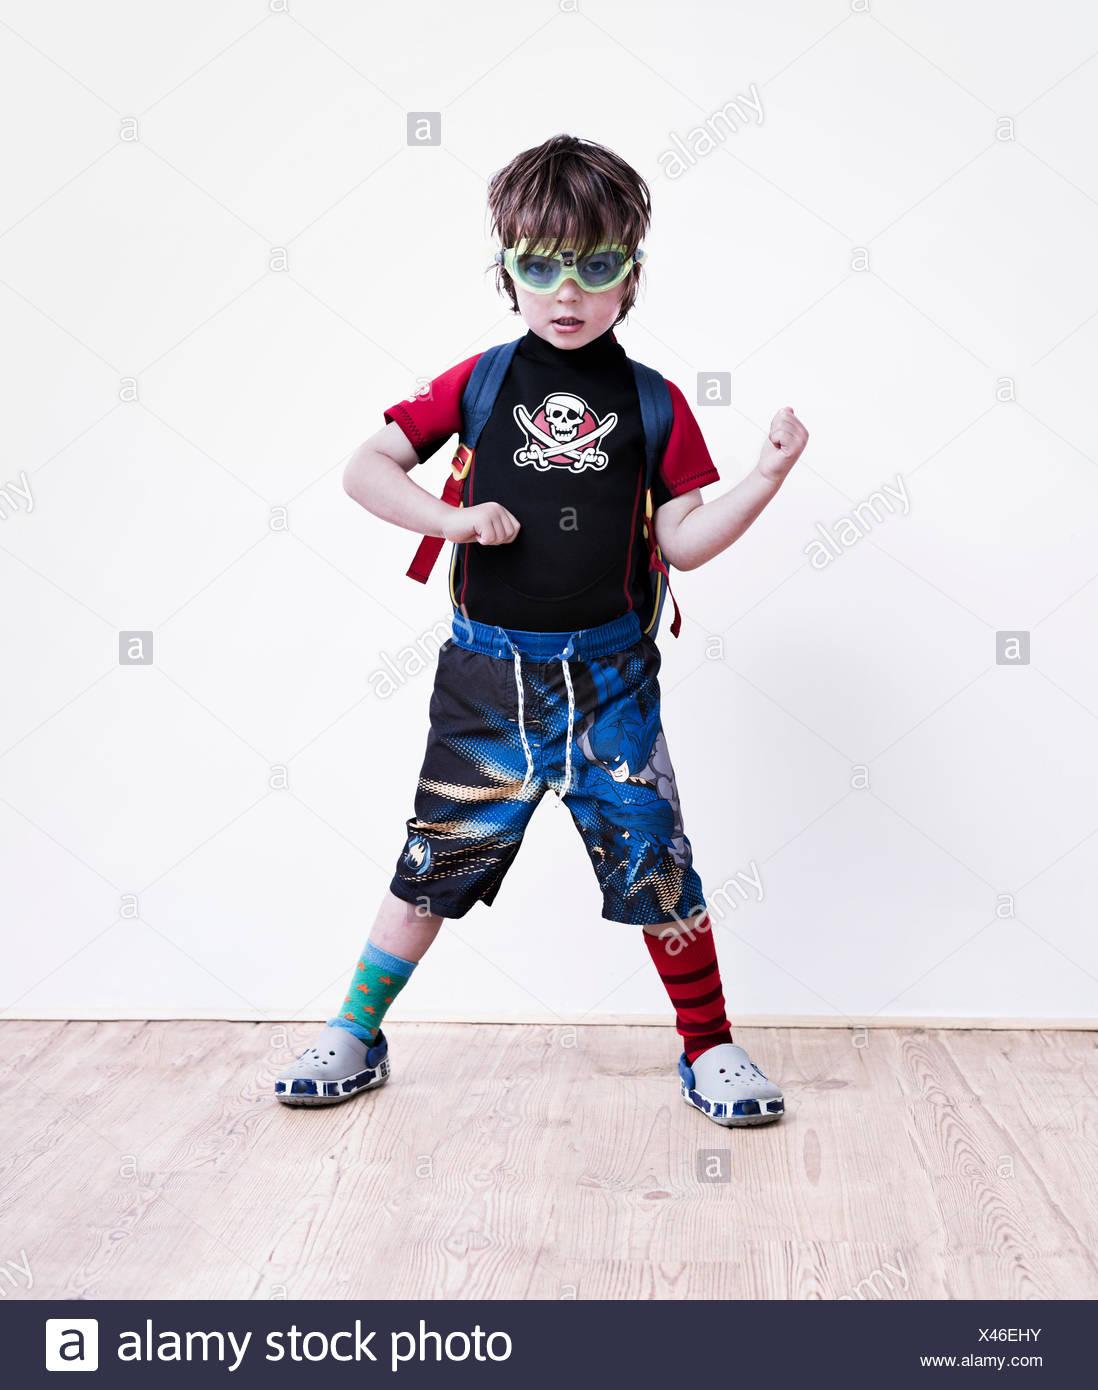 Un muchacho de pie con las piernas separadas posando en Fancy Dress, vistiendo una camiseta de pirata, anteojos protectores y pantalones largos. Imagen De Stock